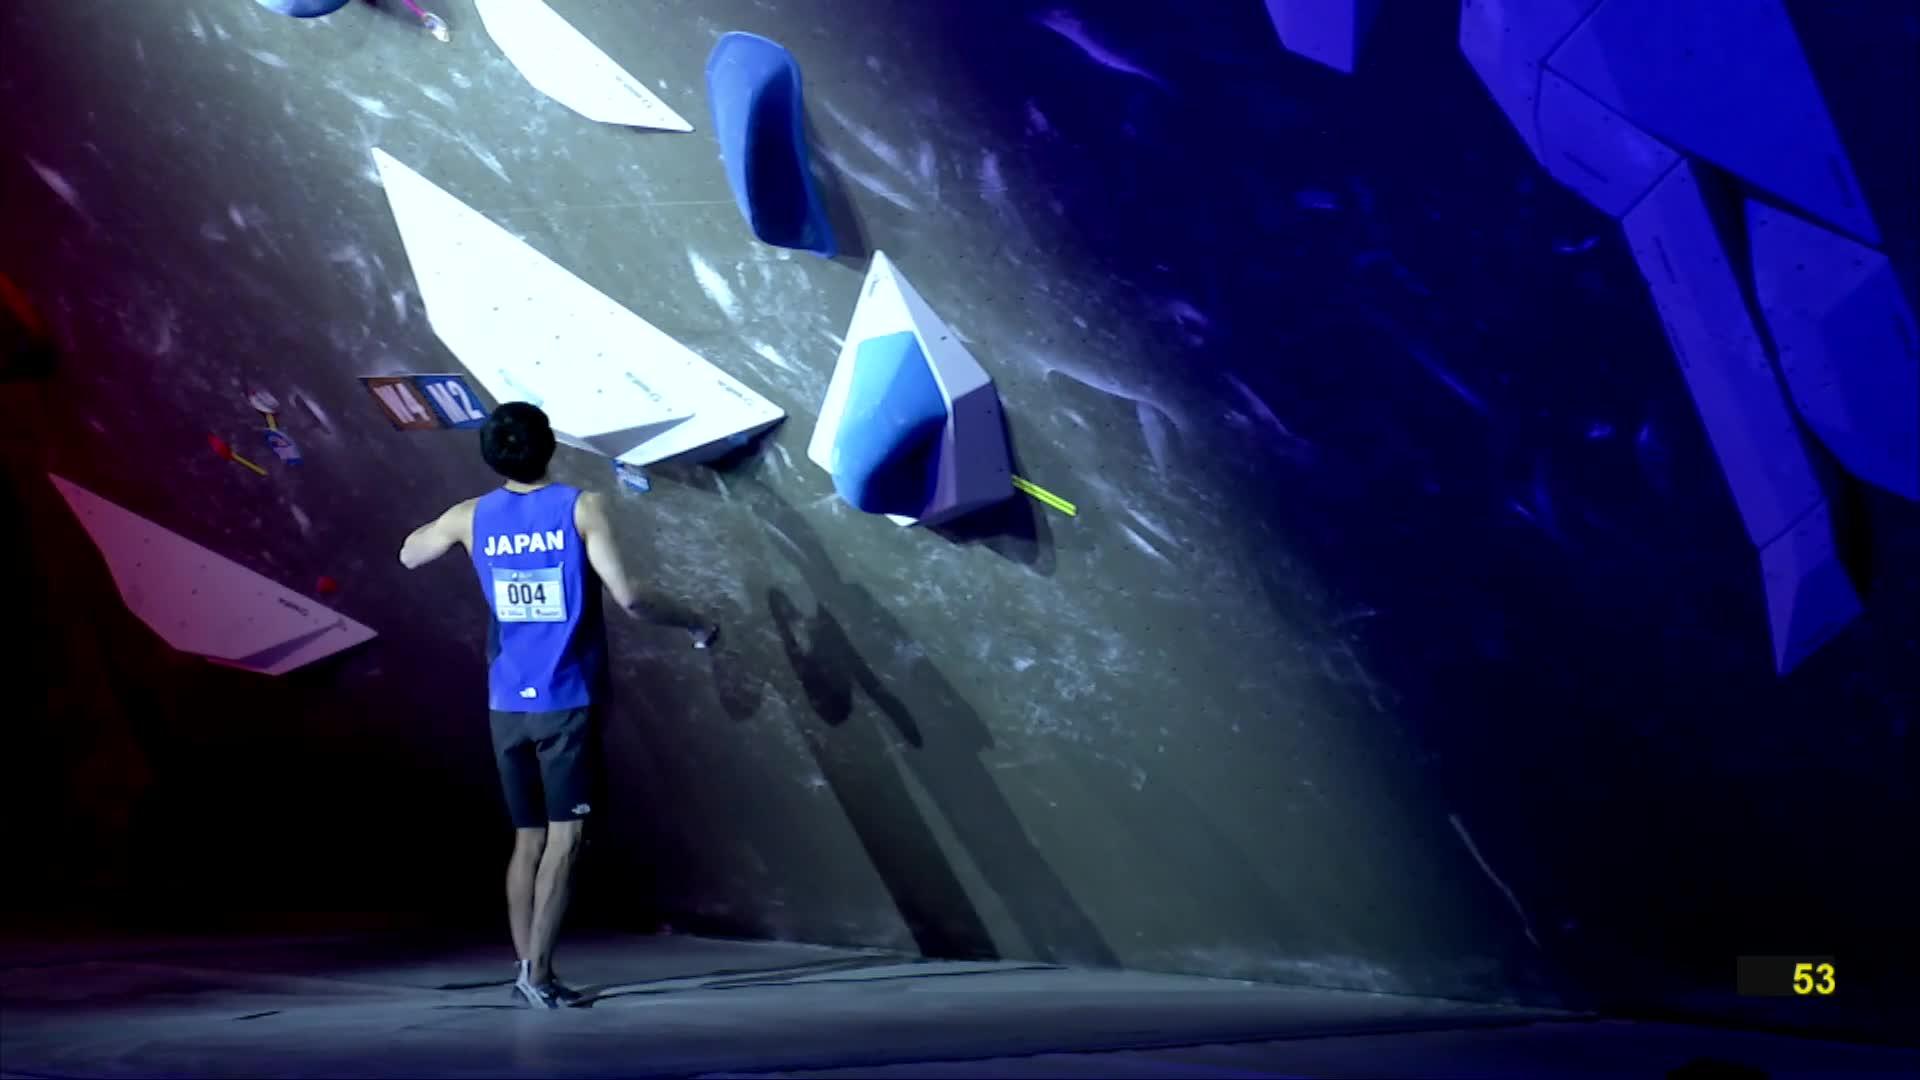 #IFSCwc, 2019, Climbing, IFSC, Sport, meiringen, men, replay, semi-finals, world cup, IFSC Climbing World Cup Meiringen 2019 - Bouldering Finals GIFs